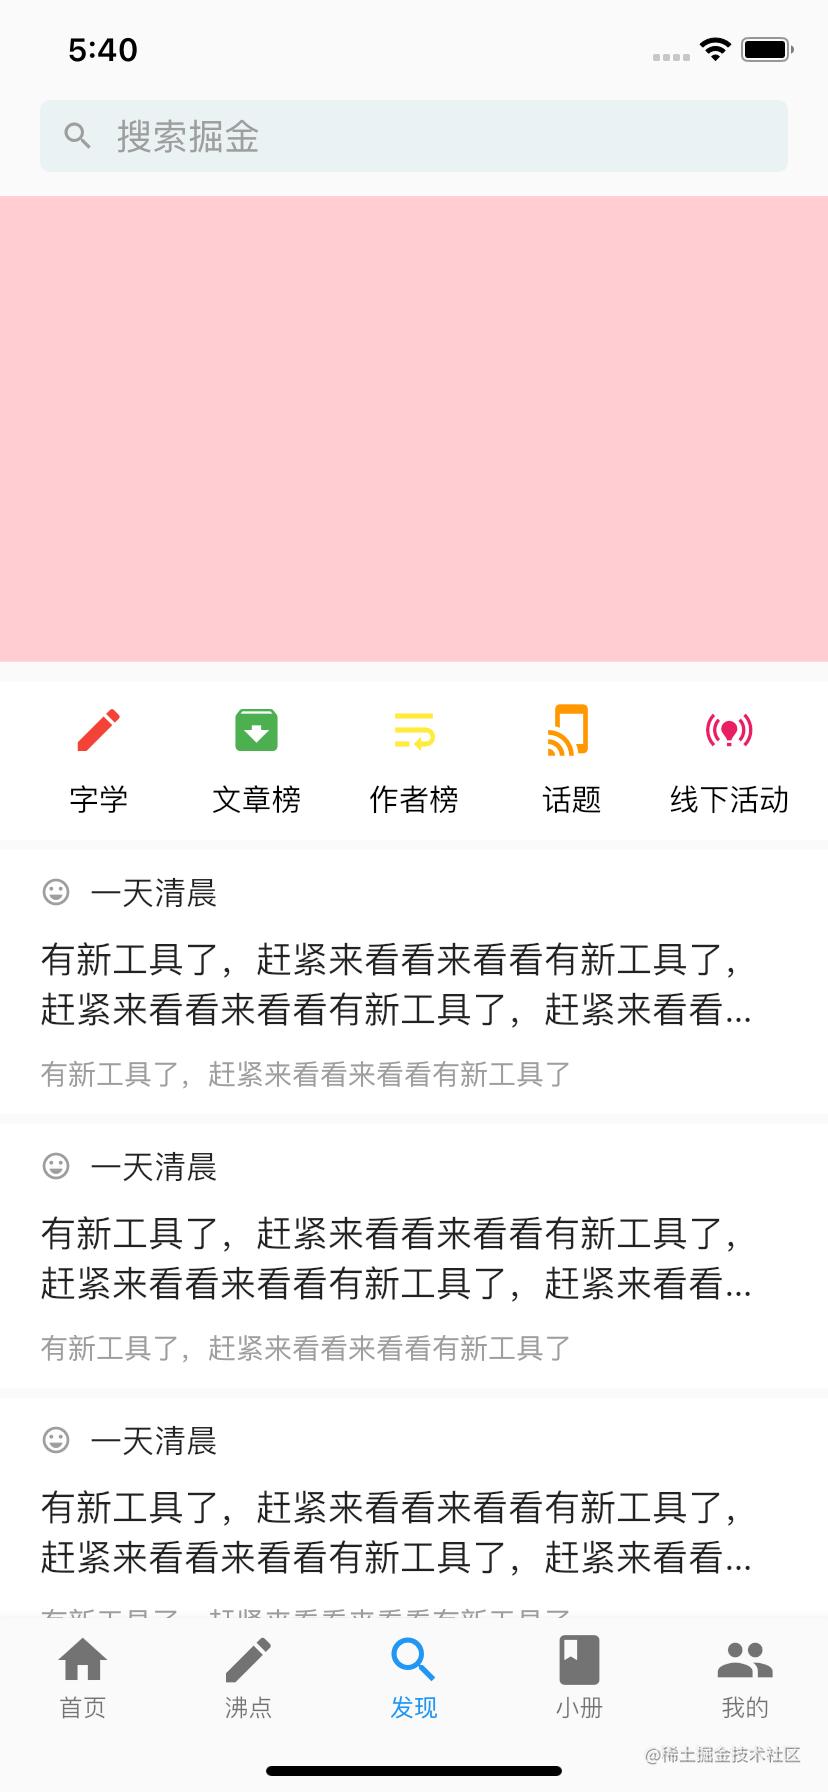 Simulator Screen Shot - iPhone 11 - 2021-03-19 at 17.40.49.png